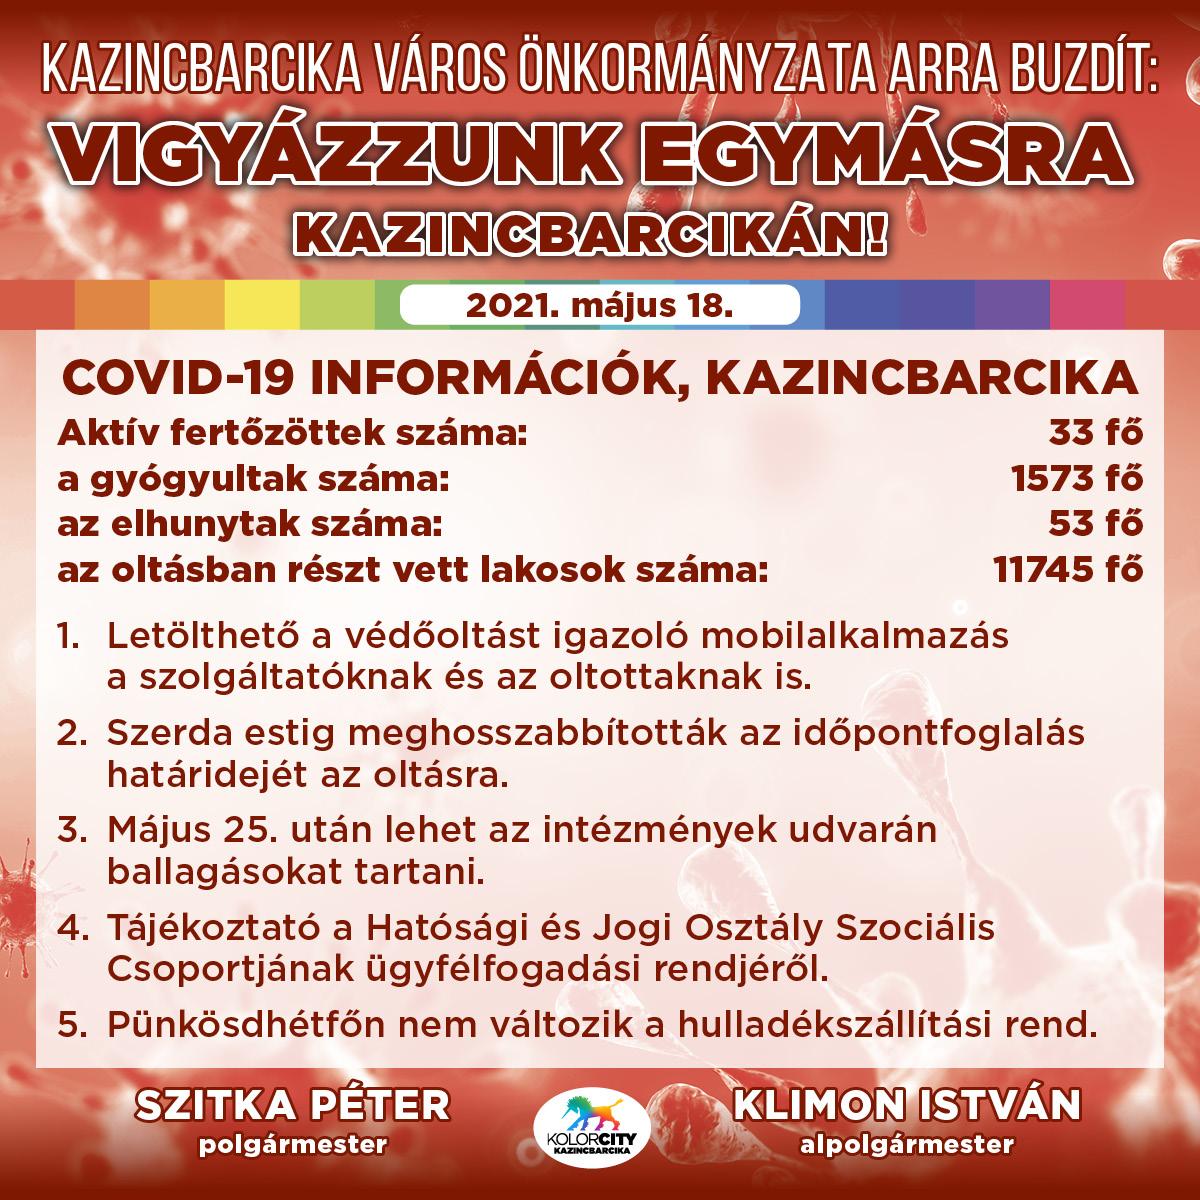 https://kolorline.hu/Vigyázzunk egymásra Kazincbarcikán! – 2021. május 18.